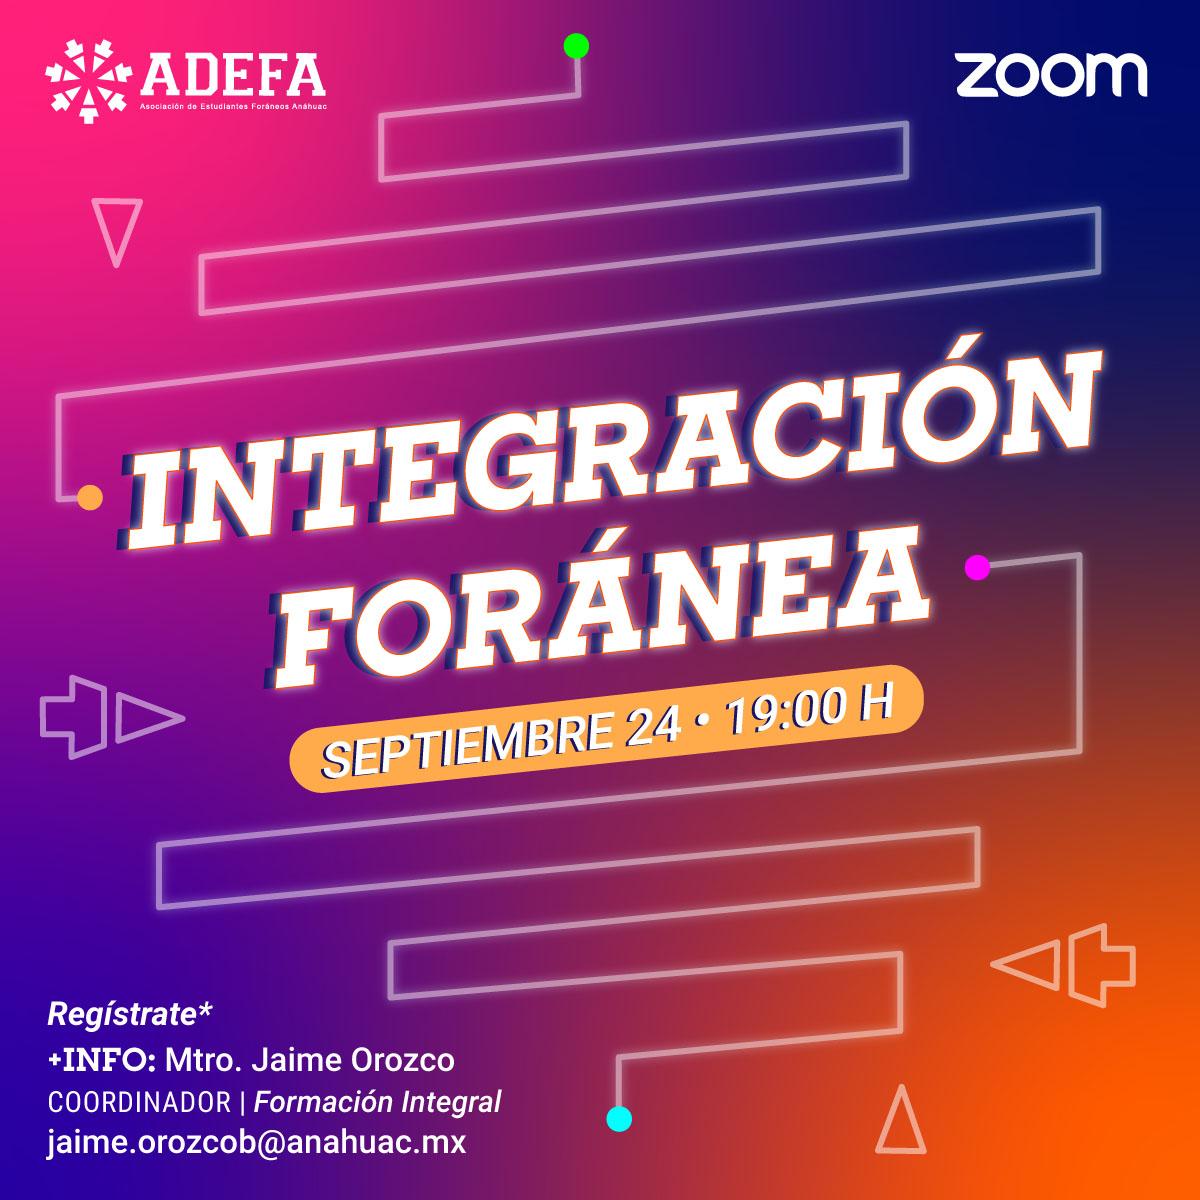 Integración Foránea